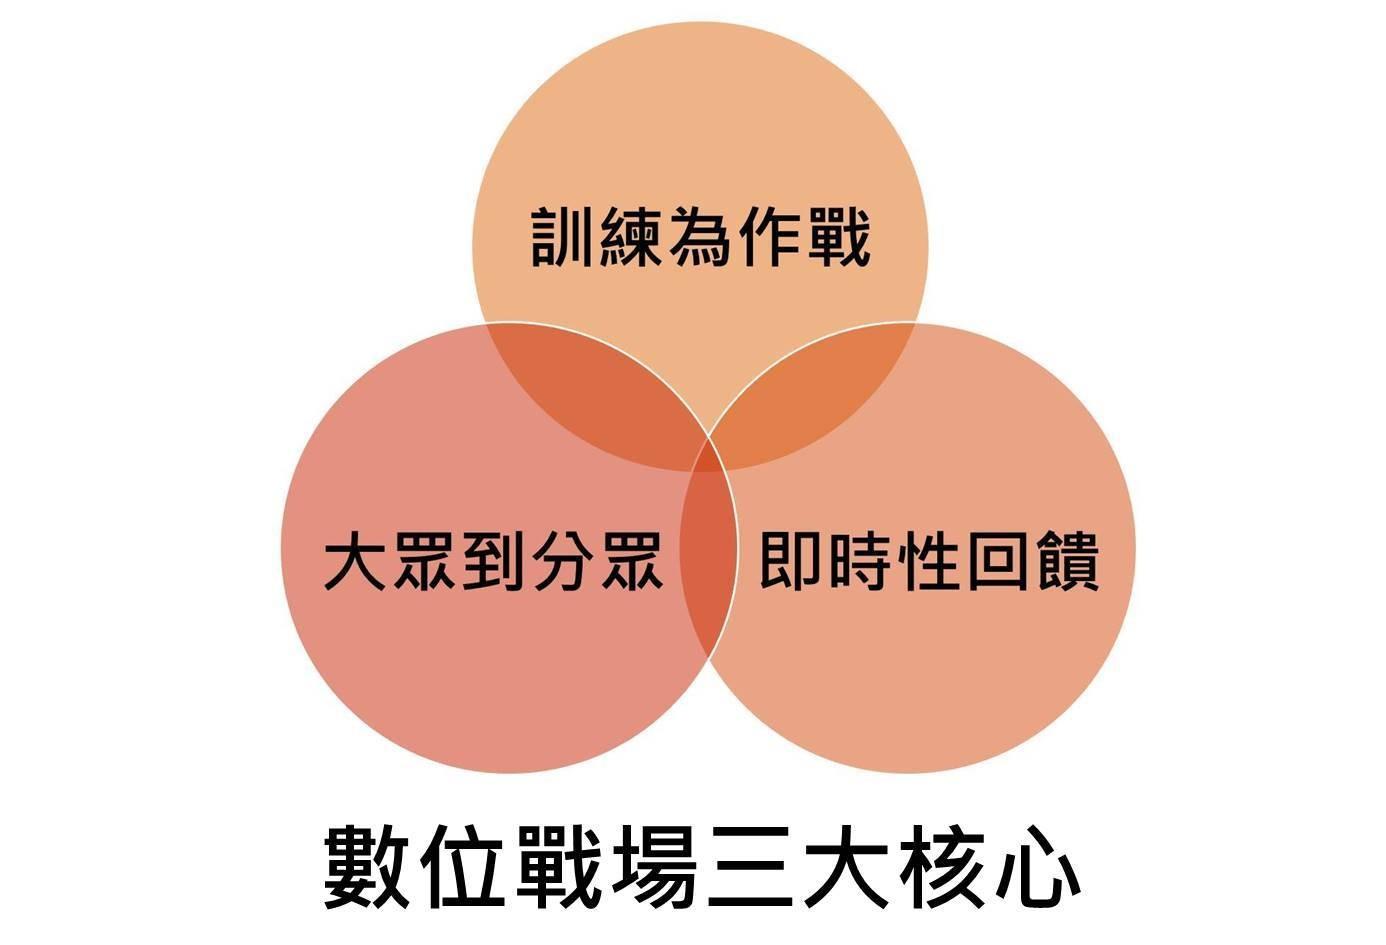 [官振萱] 媒體轉型的策略、組織、人才、管理